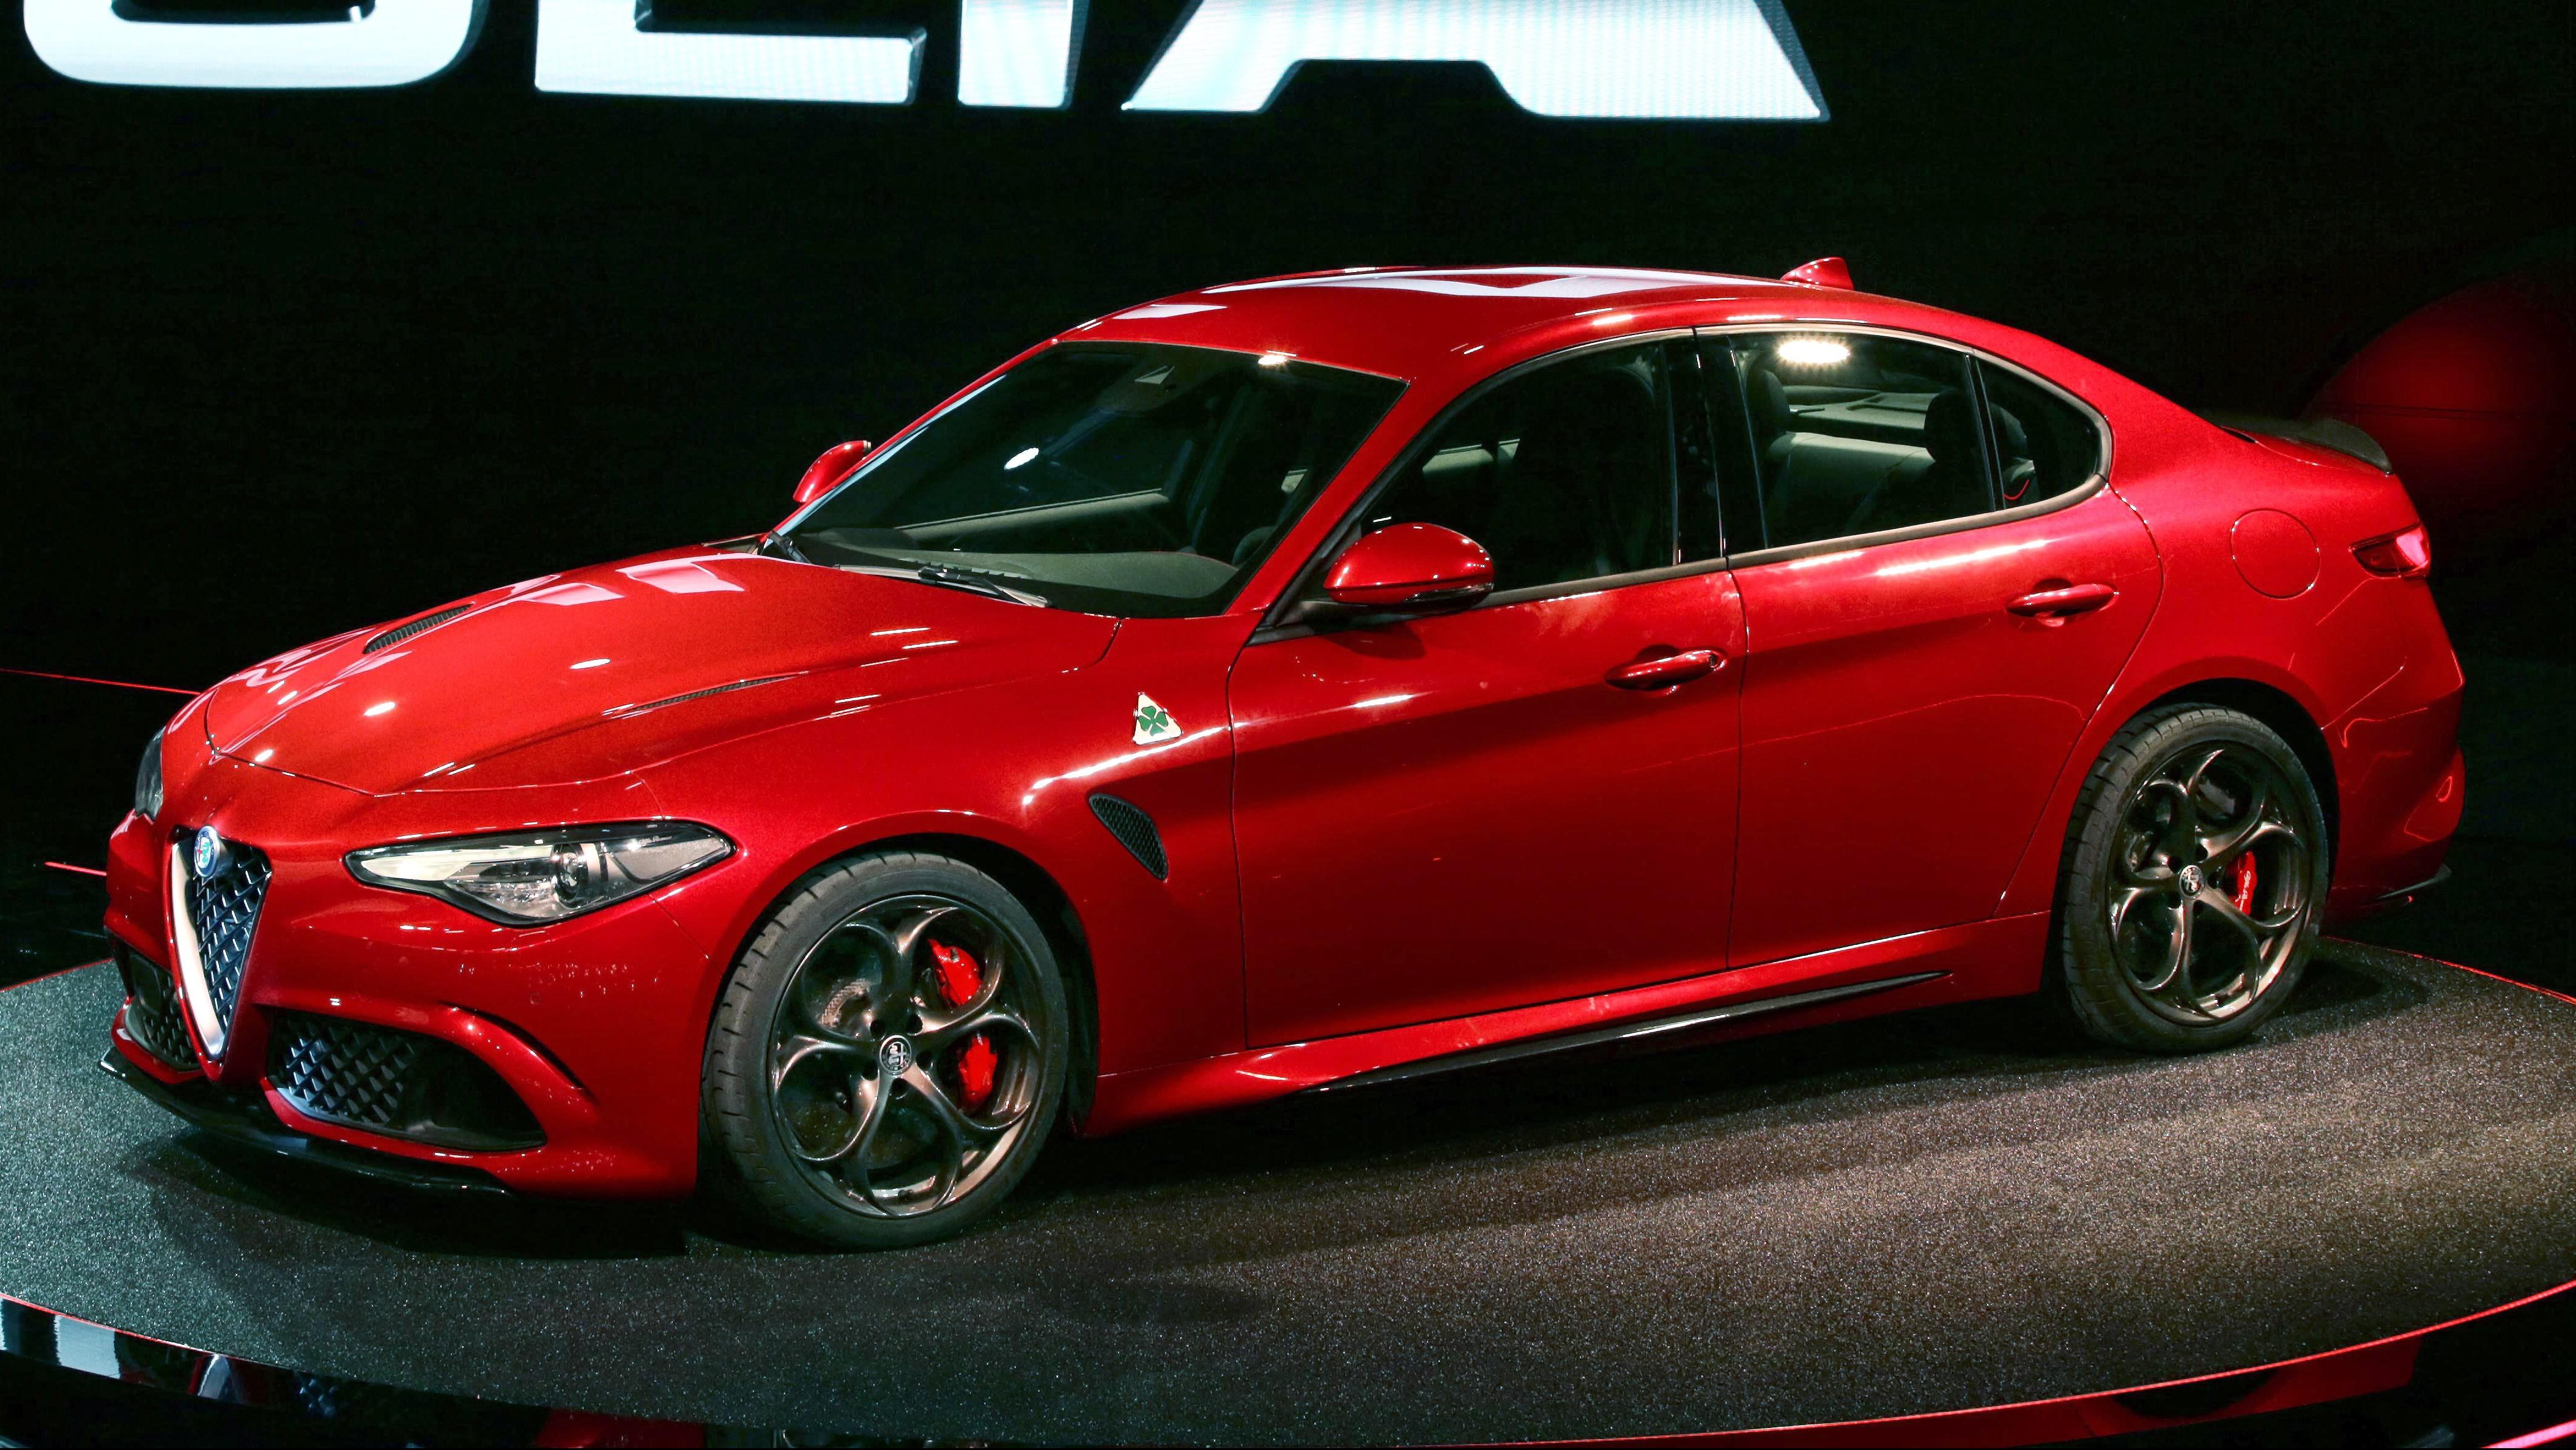 Alfa Romeo Giulia 2015 Wallpapers